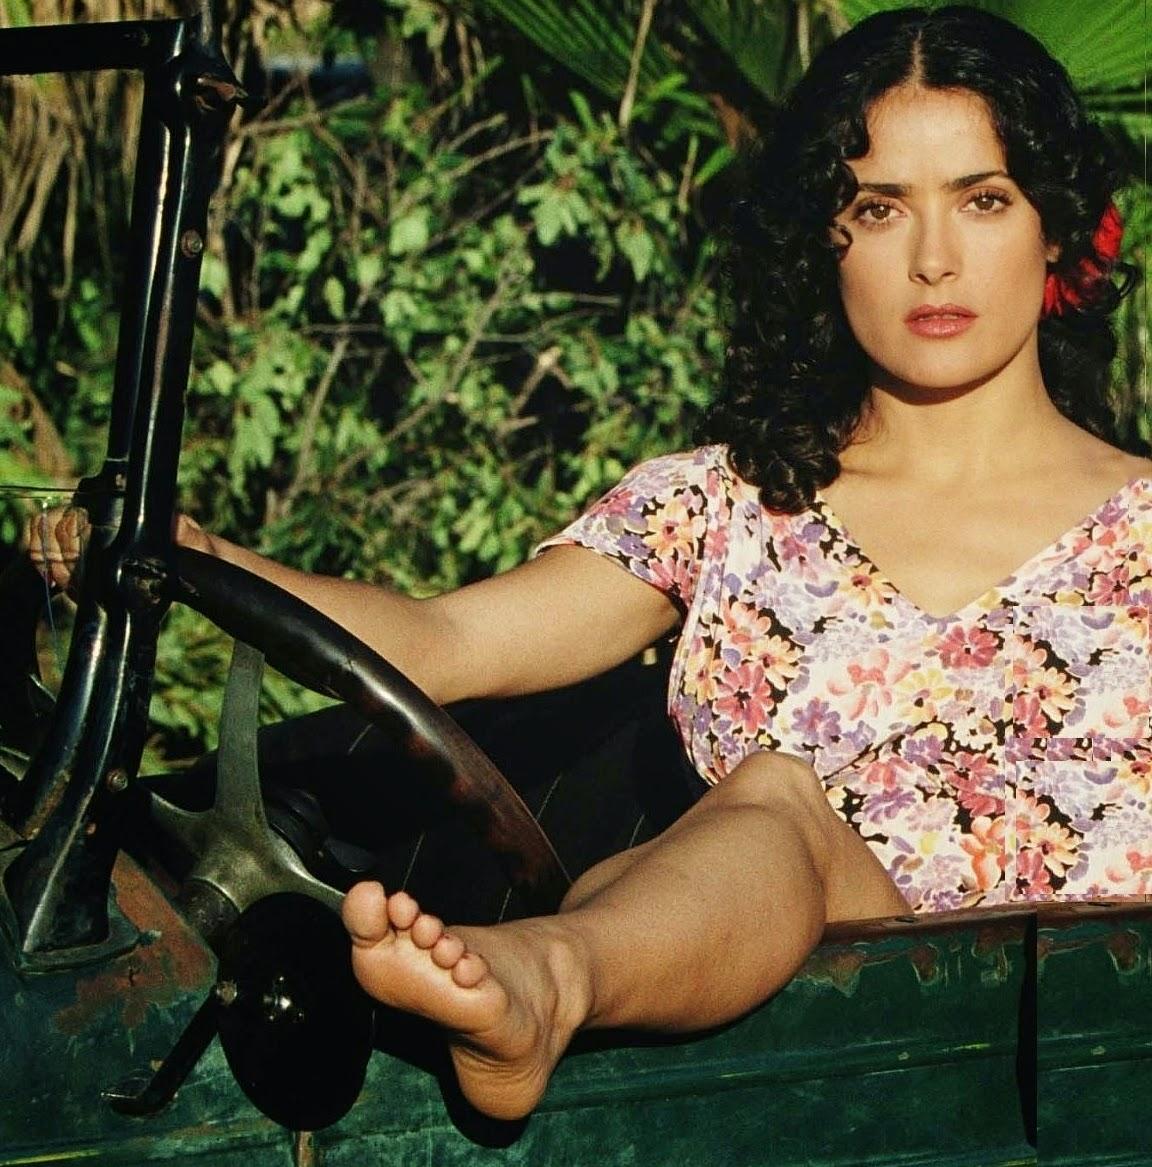 salma hayek bare feet